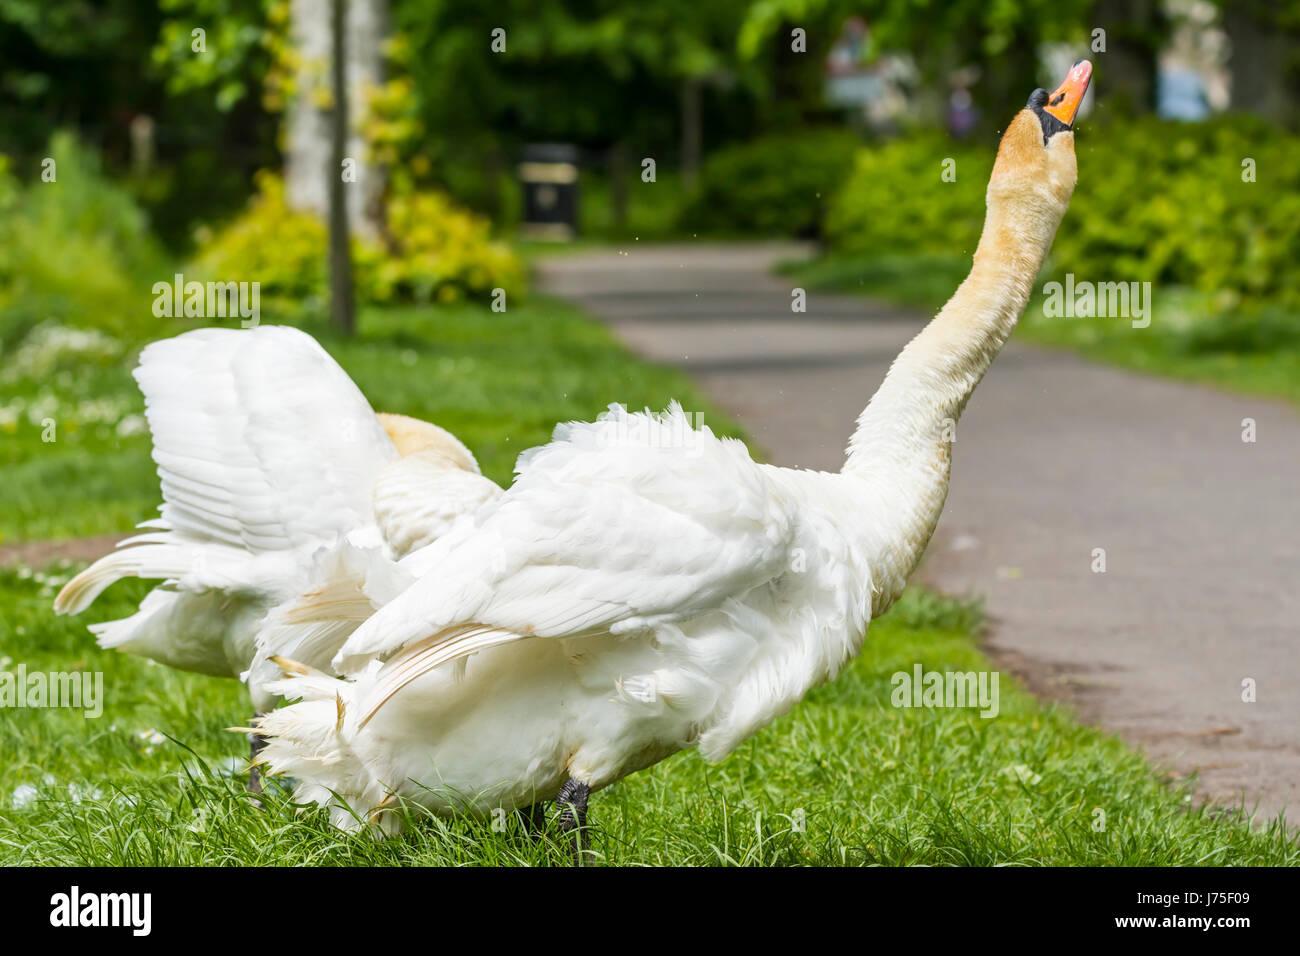 Swan. Cygne tuberculé blanc adulte (Cygnus olor),s'étend son cou dans l'air à la fin du printemps au Royaume-Uni. Banque D'Images